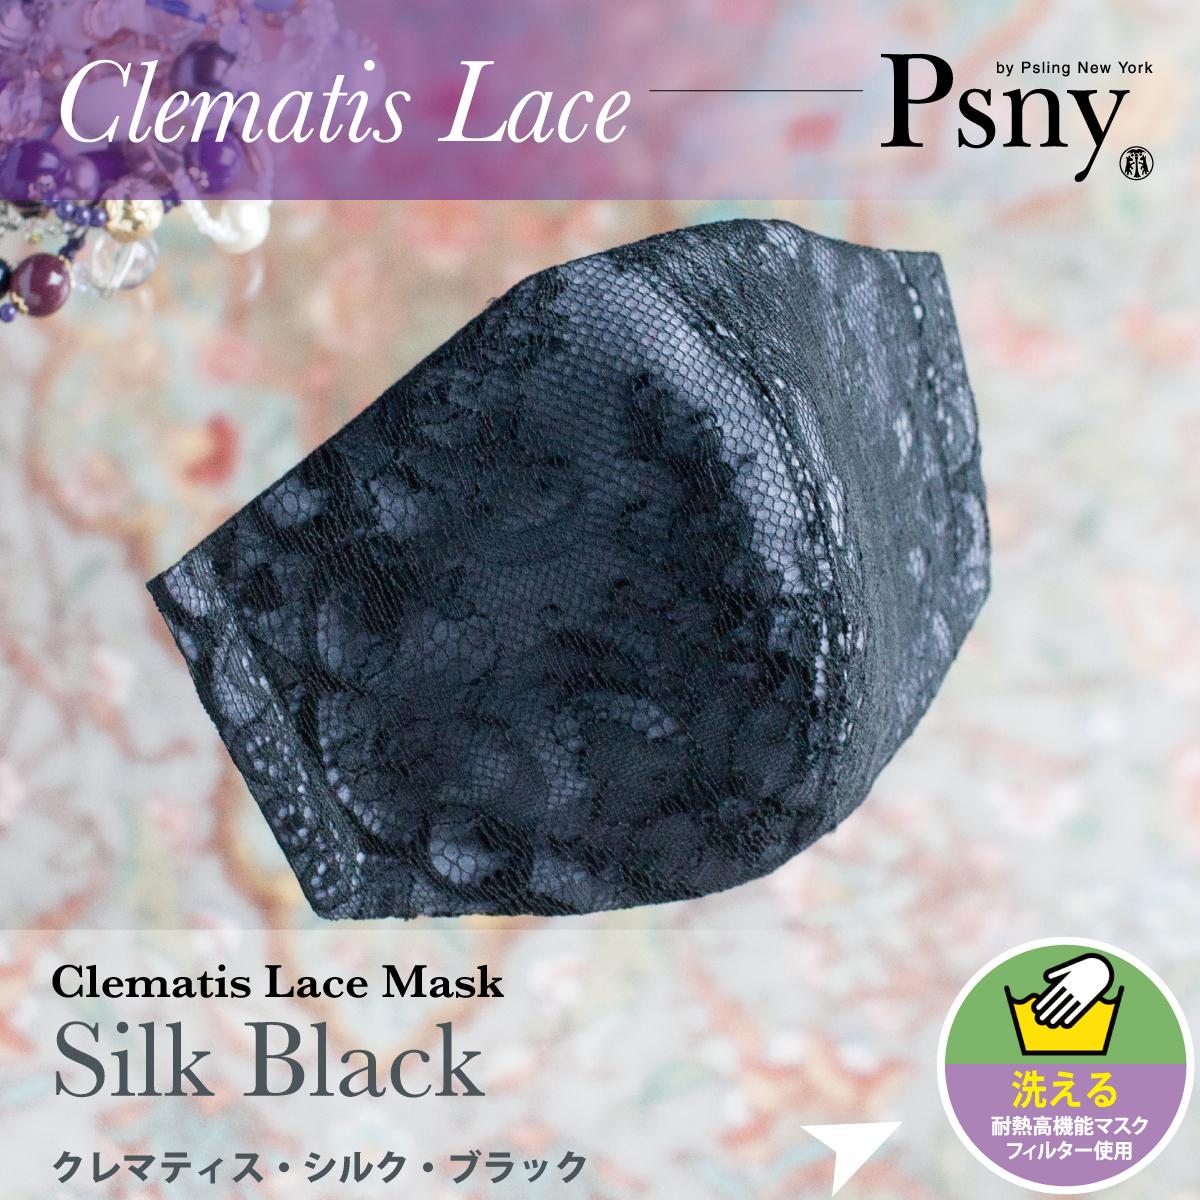 PSNY クレマティス レース ブラック シルク 花粉 黄砂 洗える不織布フィルター入り 立体 大人用 マスク 送料無料 L04